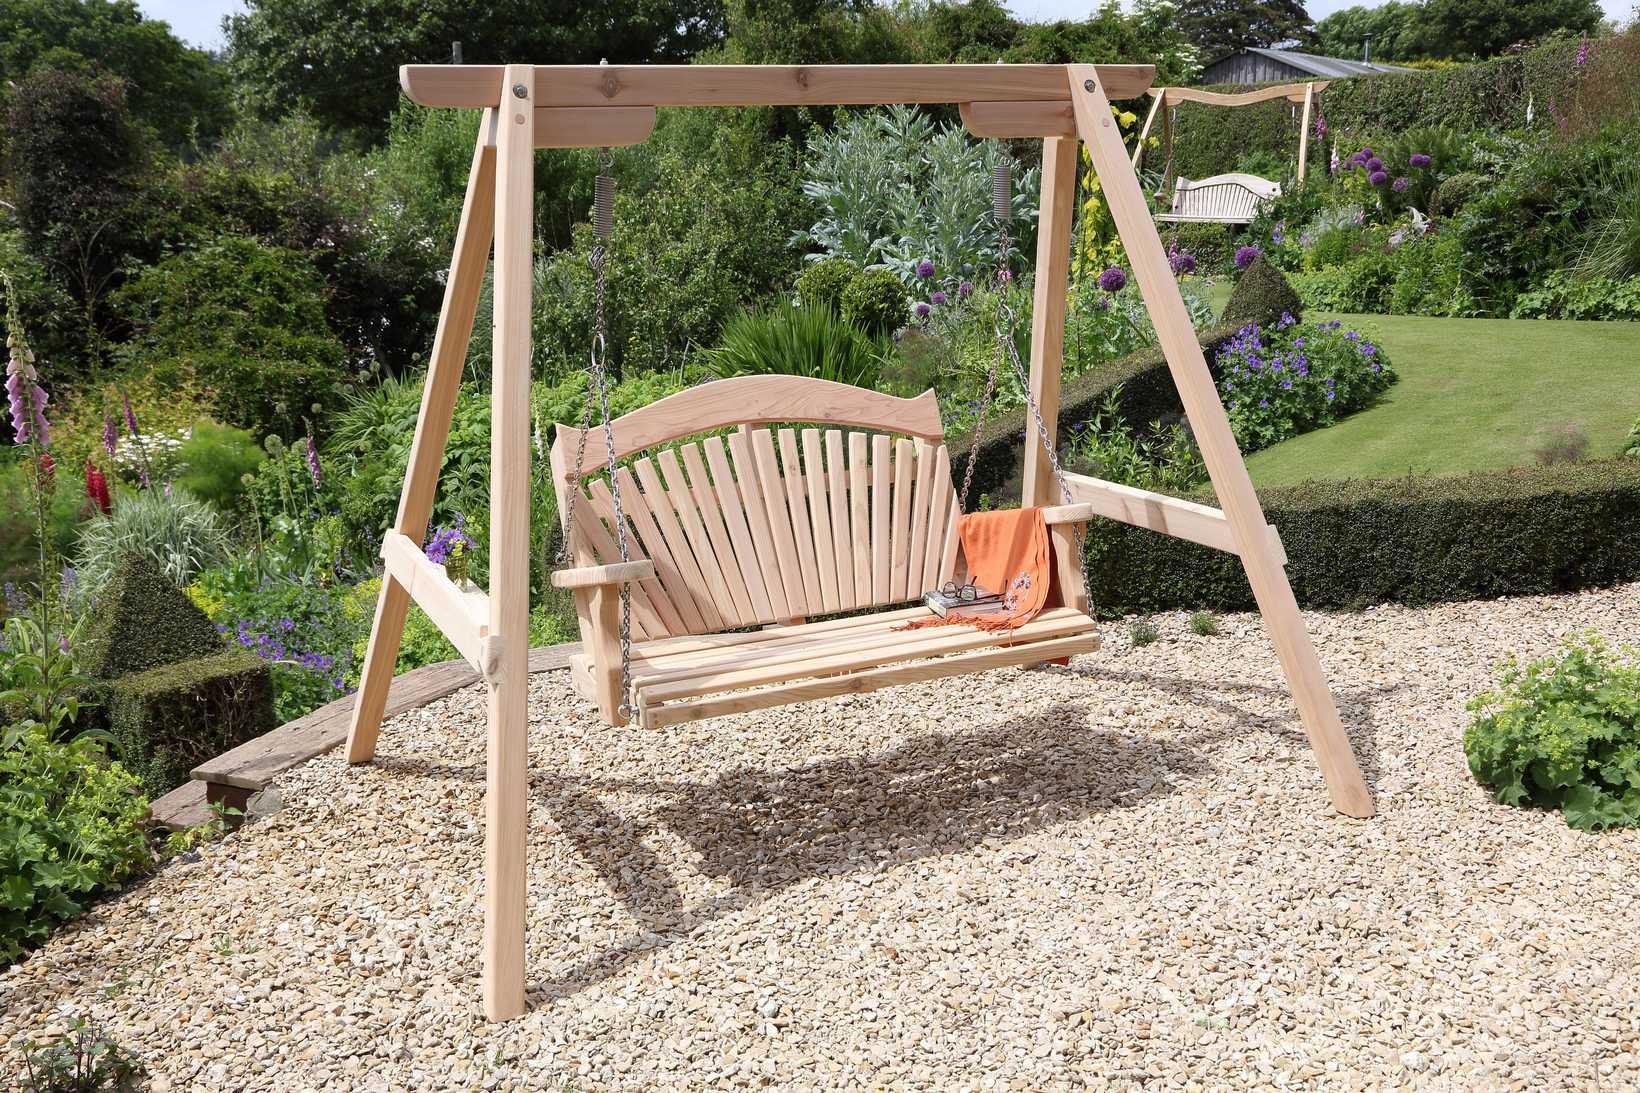 Rhs serenity garden swing seat in western red cedar for Garden swing seat plans